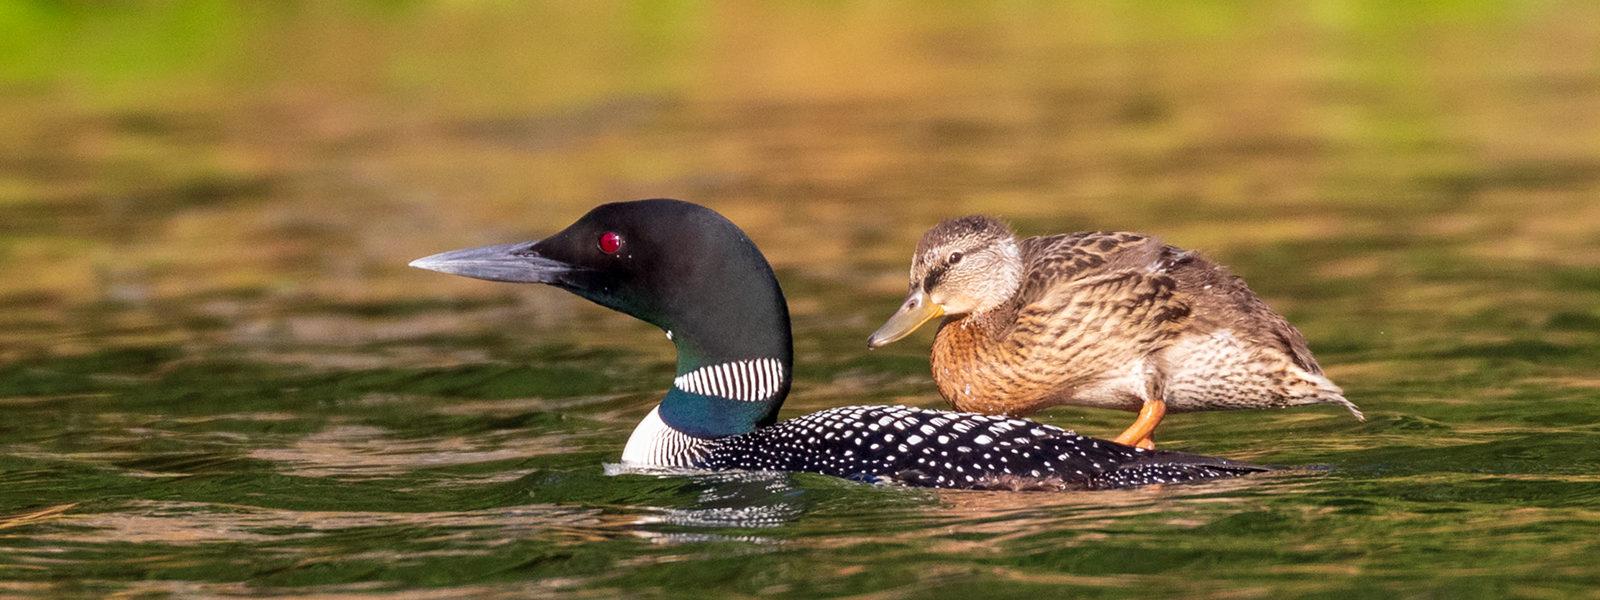 Loon with mallard duckling